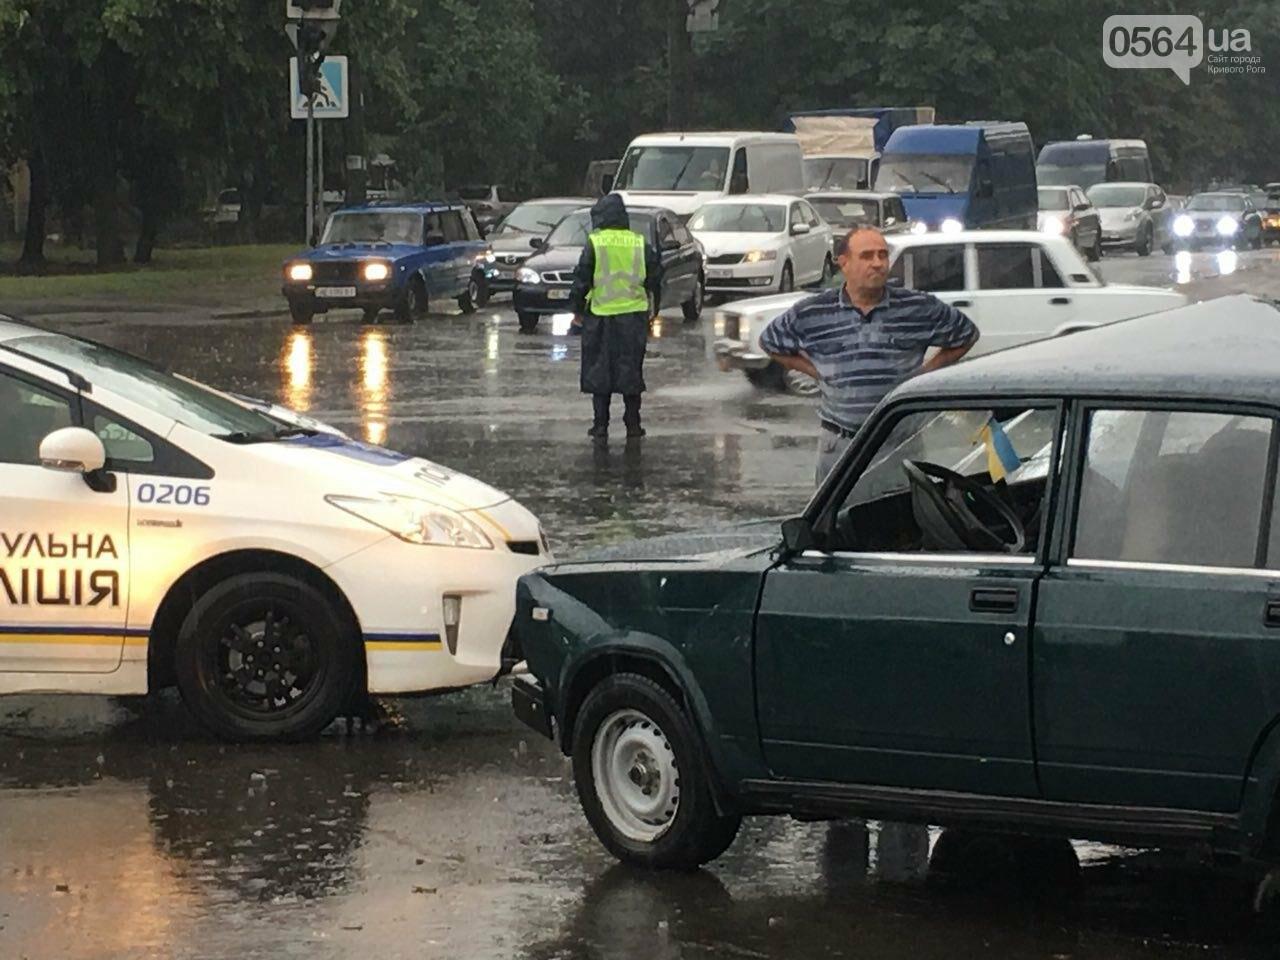 В Кривом Роге под дождем на перекрестке столкнулись иномарка и ВАЗ, - ФОТО, фото-9